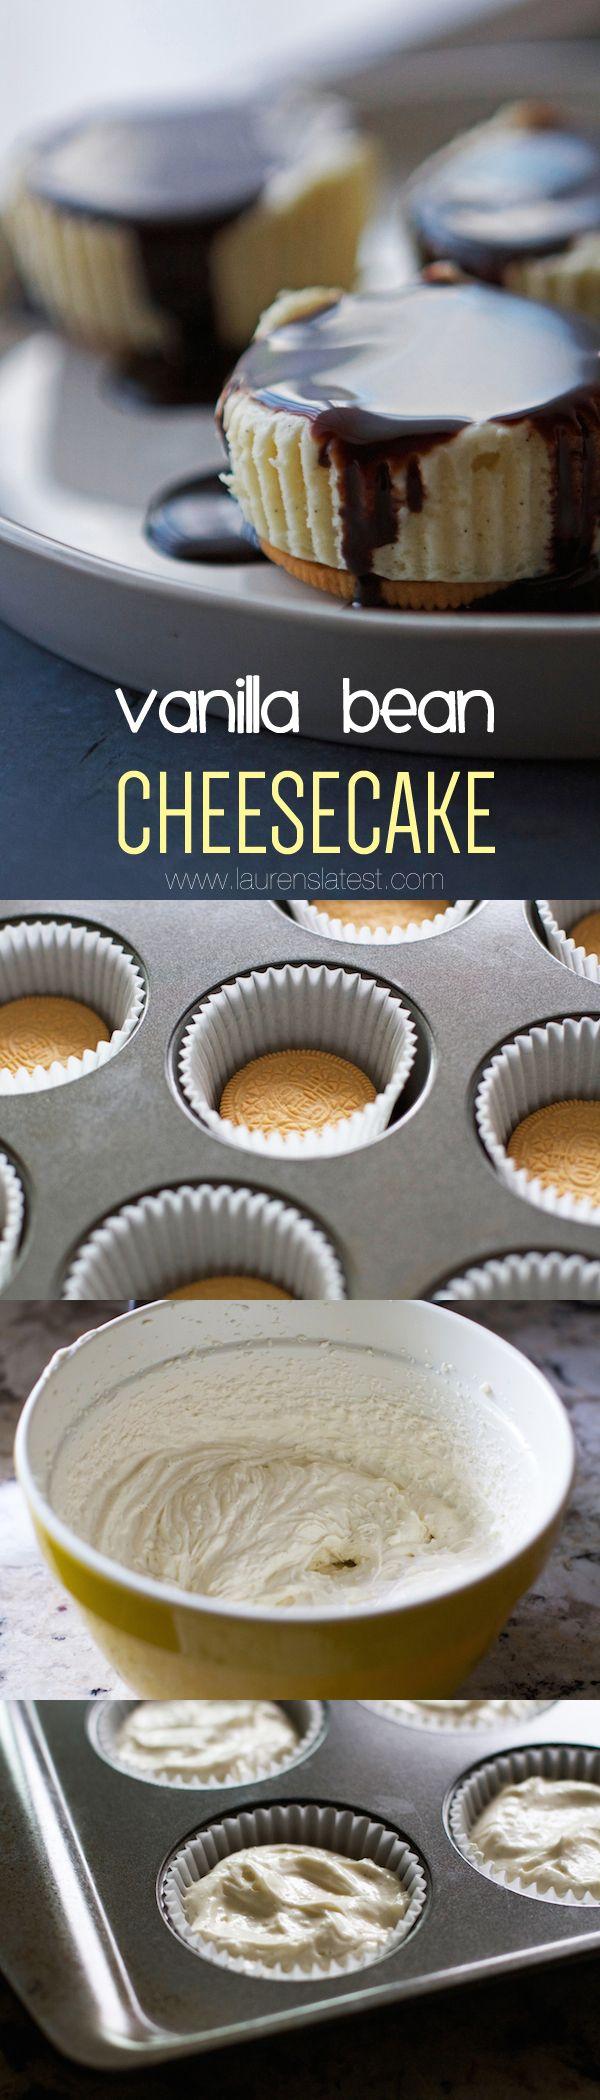 how to make vanilla bean cheesecake